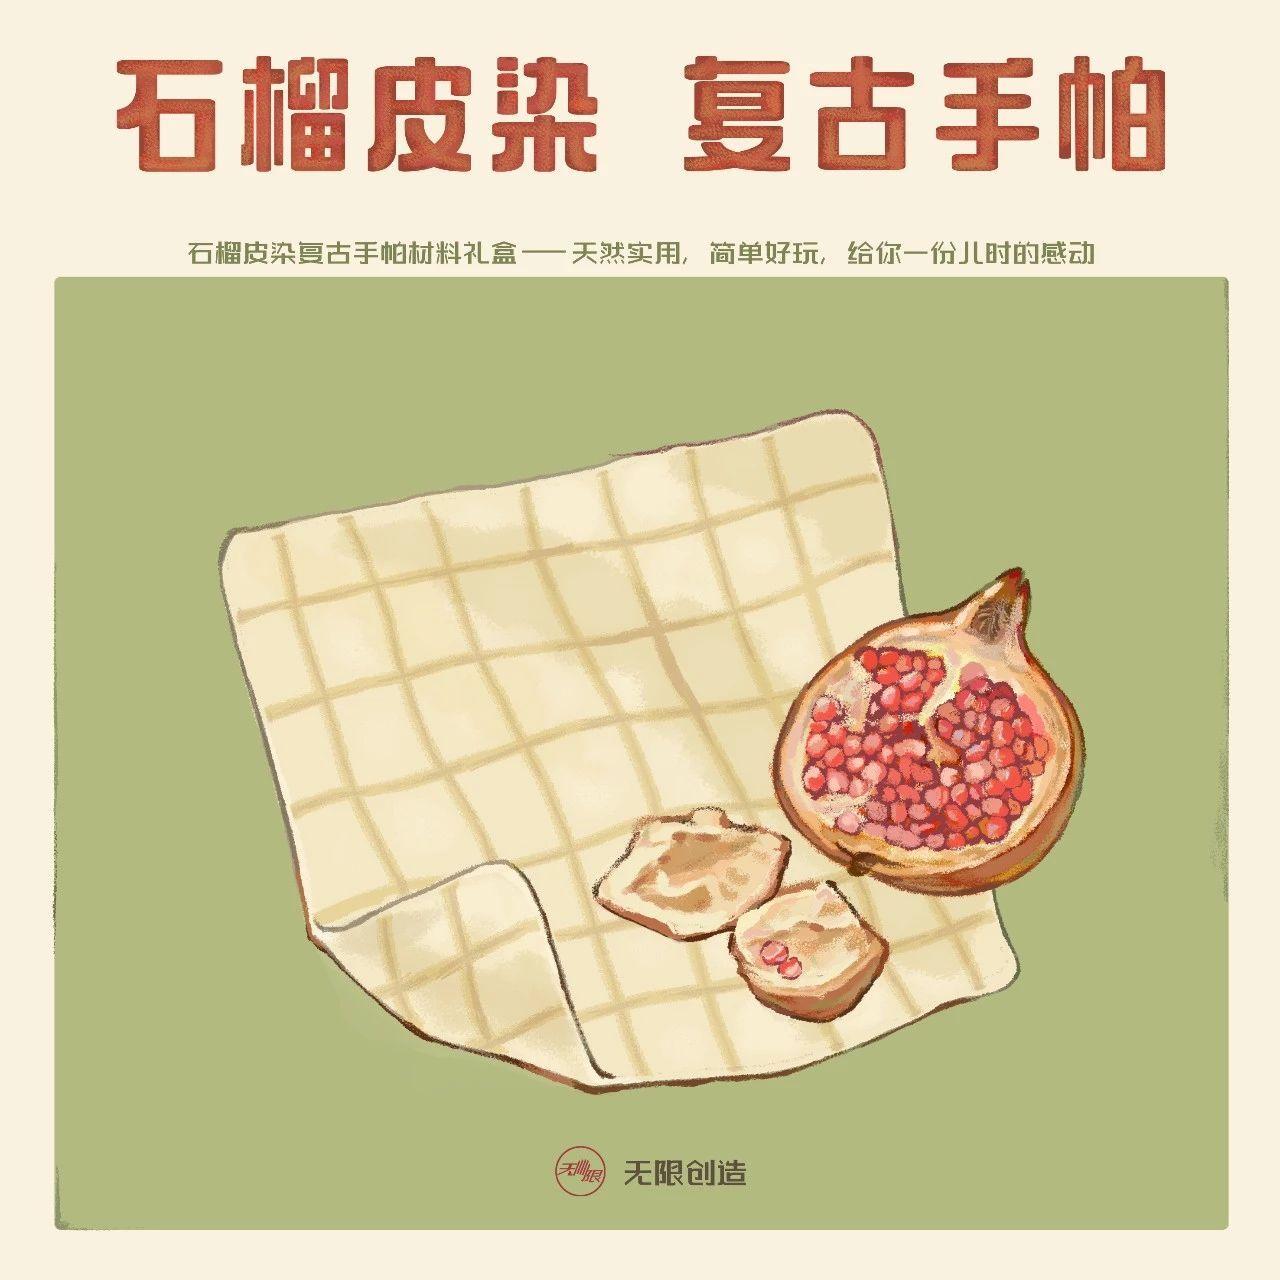 DIY植物染|石榴皮染&红高粱糠染复古手帕